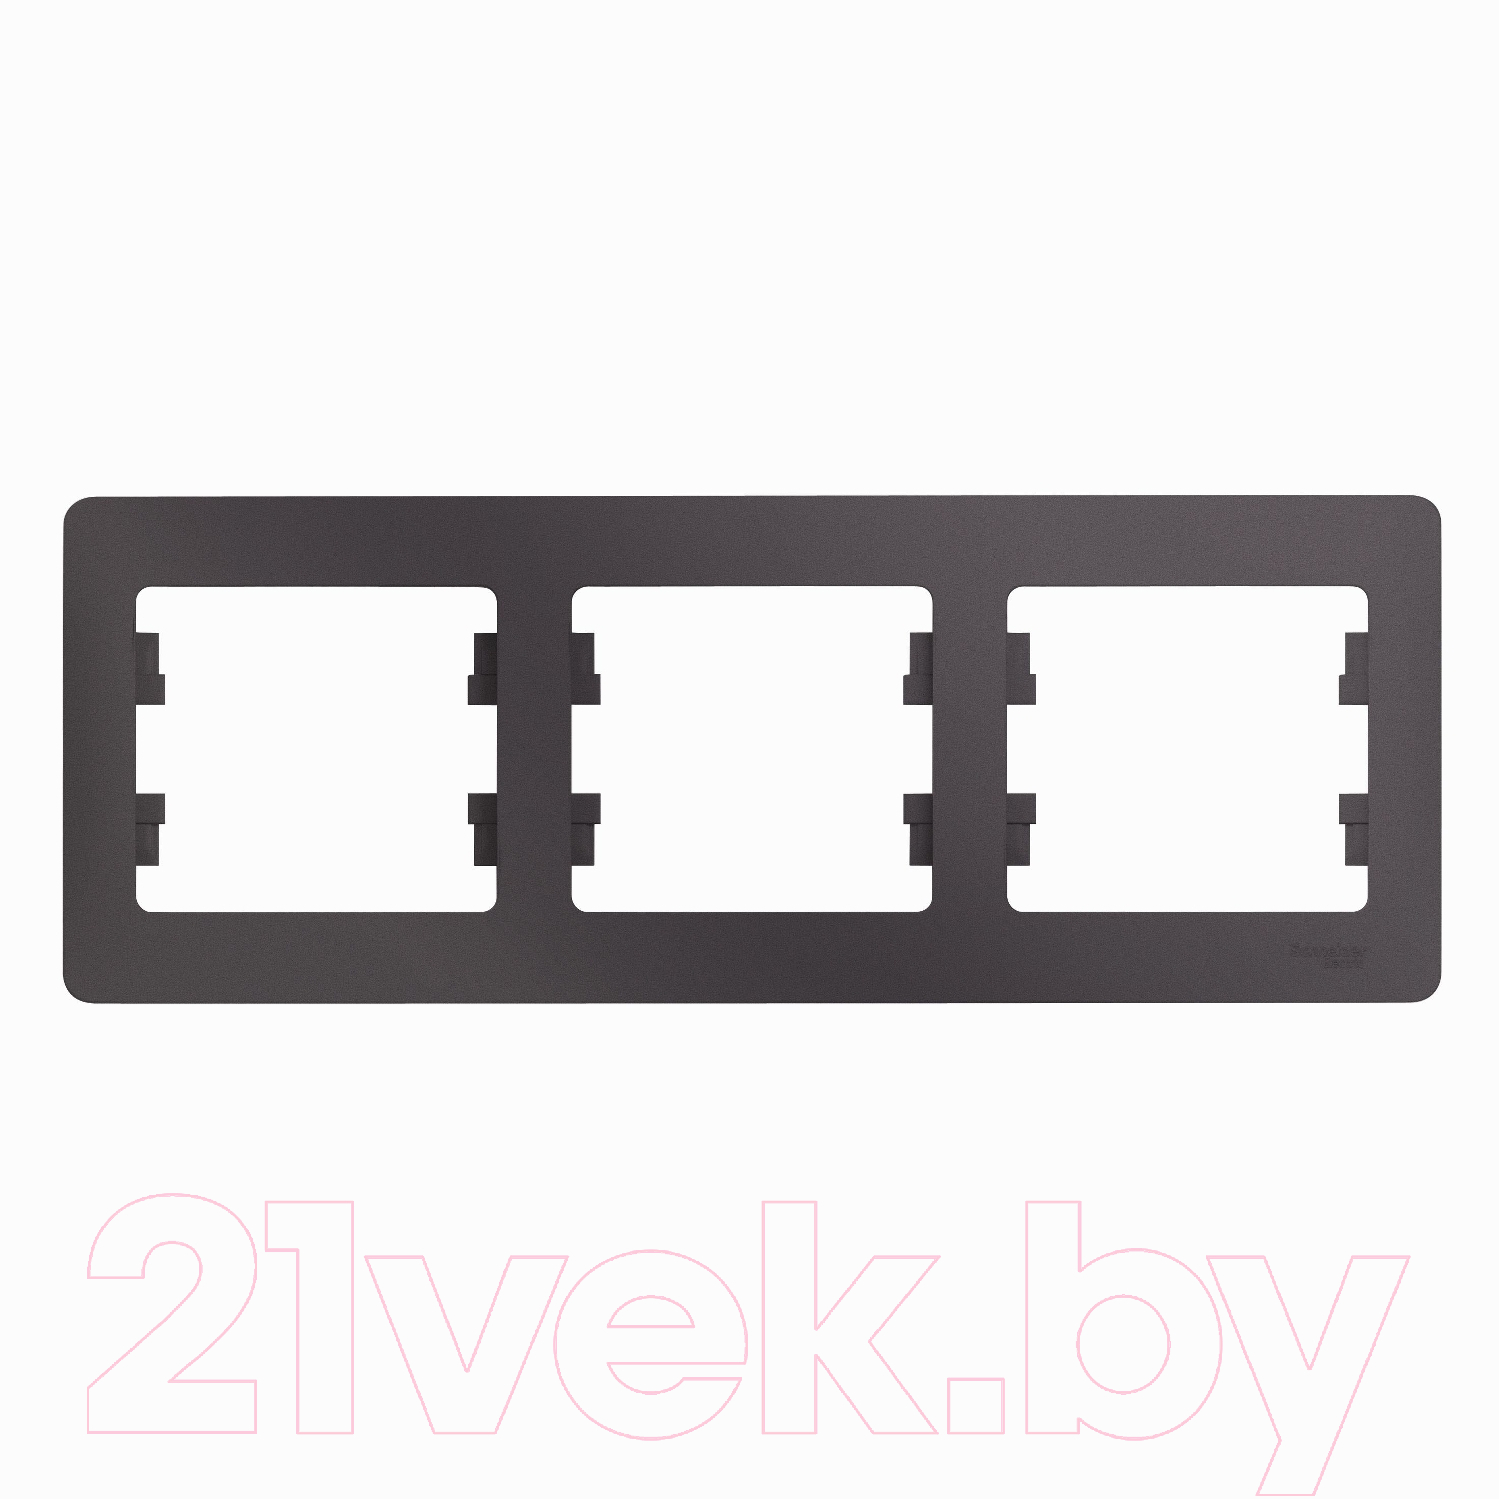 Купить Рамка для выключателя Schneider Electric, Glossa GSL001403, Россия, пластик, Glossa (Schneider Electric)